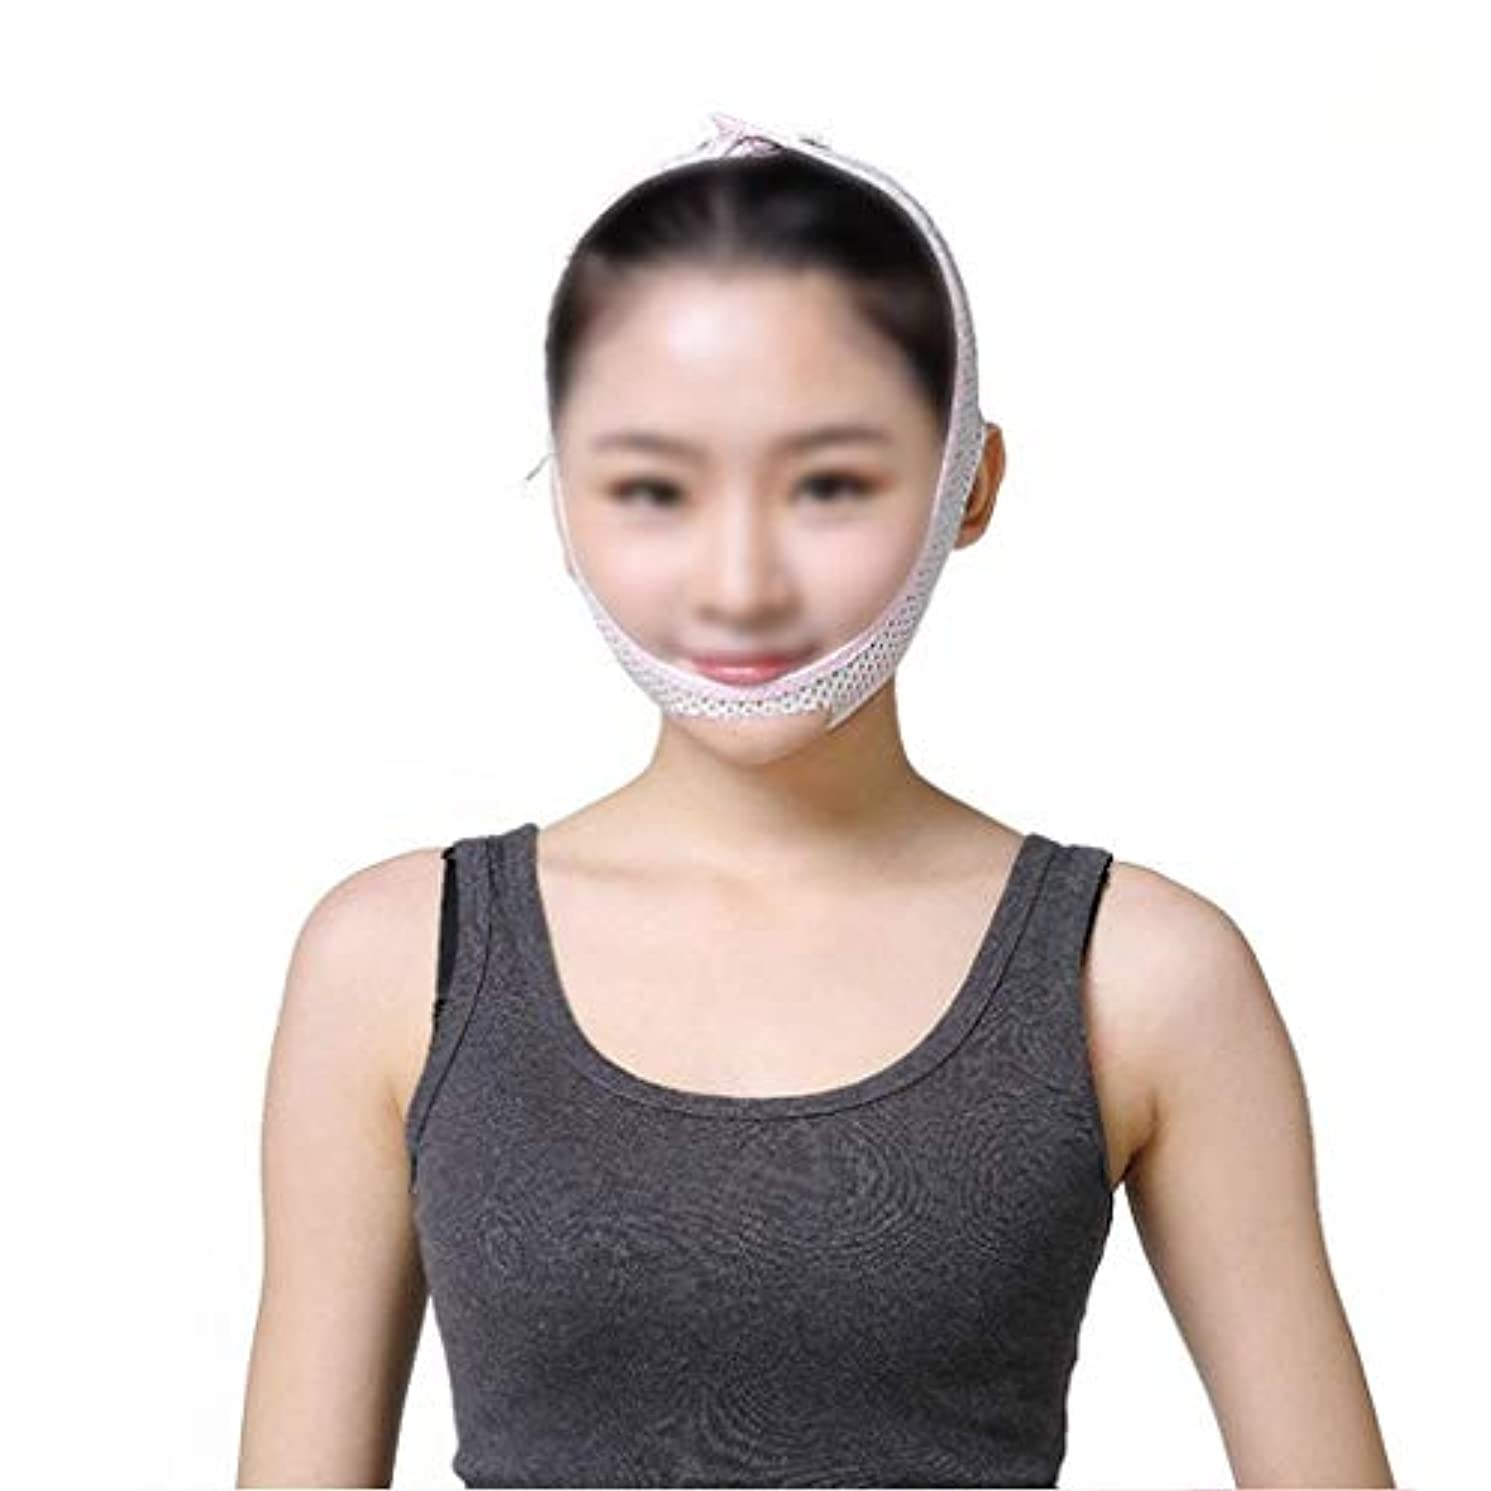 つぶす妻それるフェイスリフティングマスク、快適で リフティングスキンファーミングスリープシンフェイスアーティファクトアンチリンクル/リムーブダブルチン/術後回復マスク(サイズ:L)